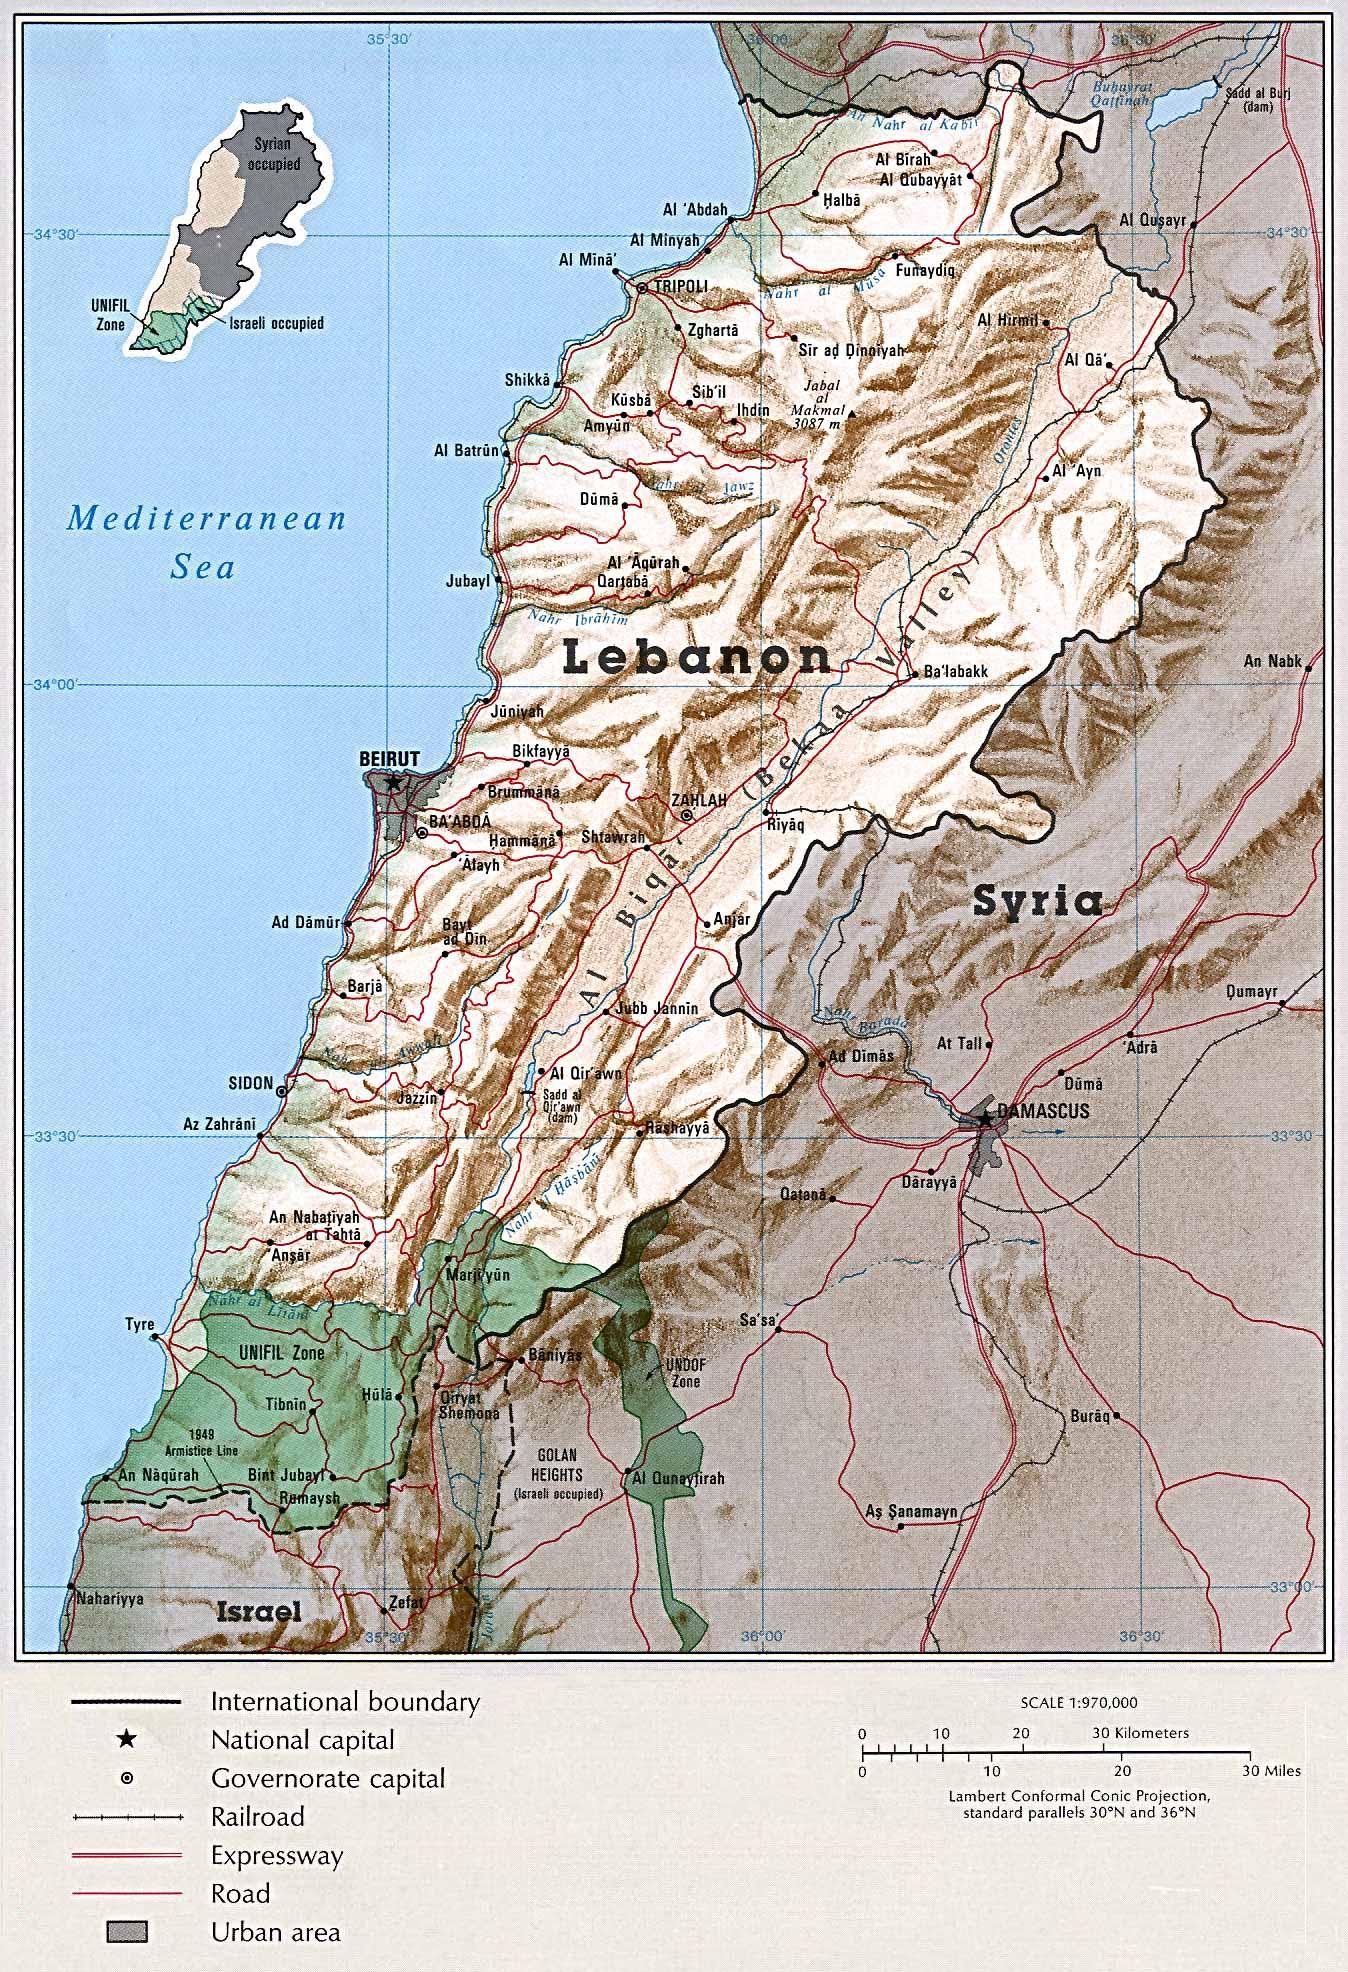 lebanon shaded